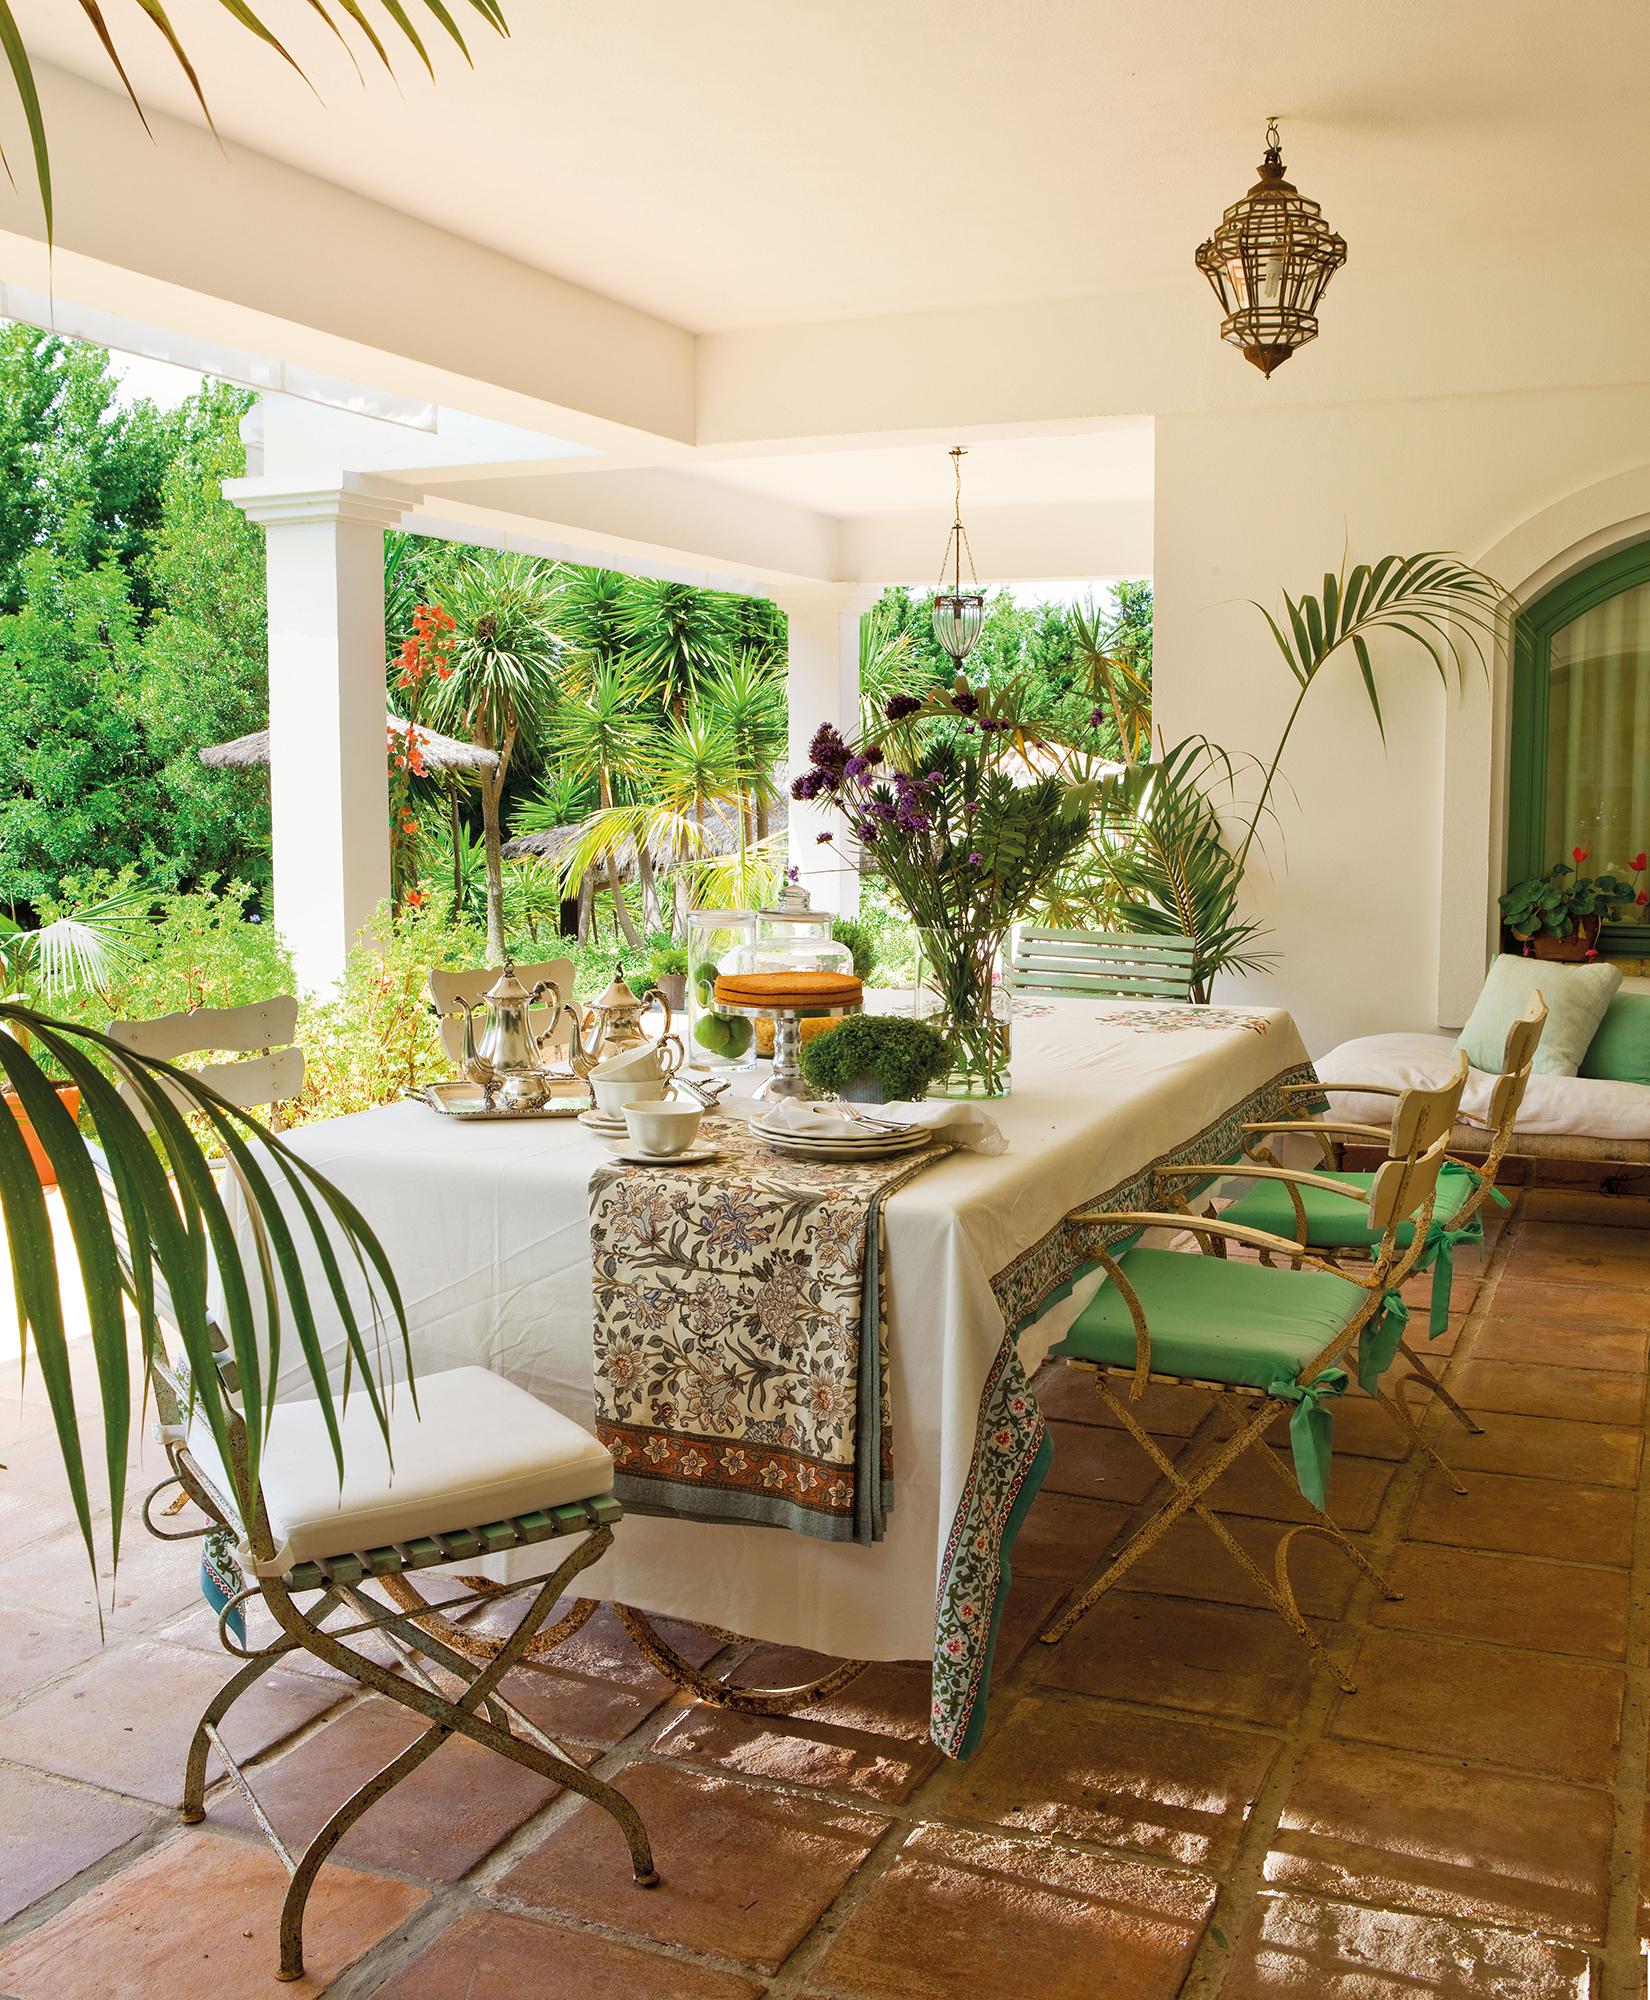 Comedores De Exterior Los 50 Mejores De El Mueble # Muebles Paz To Home